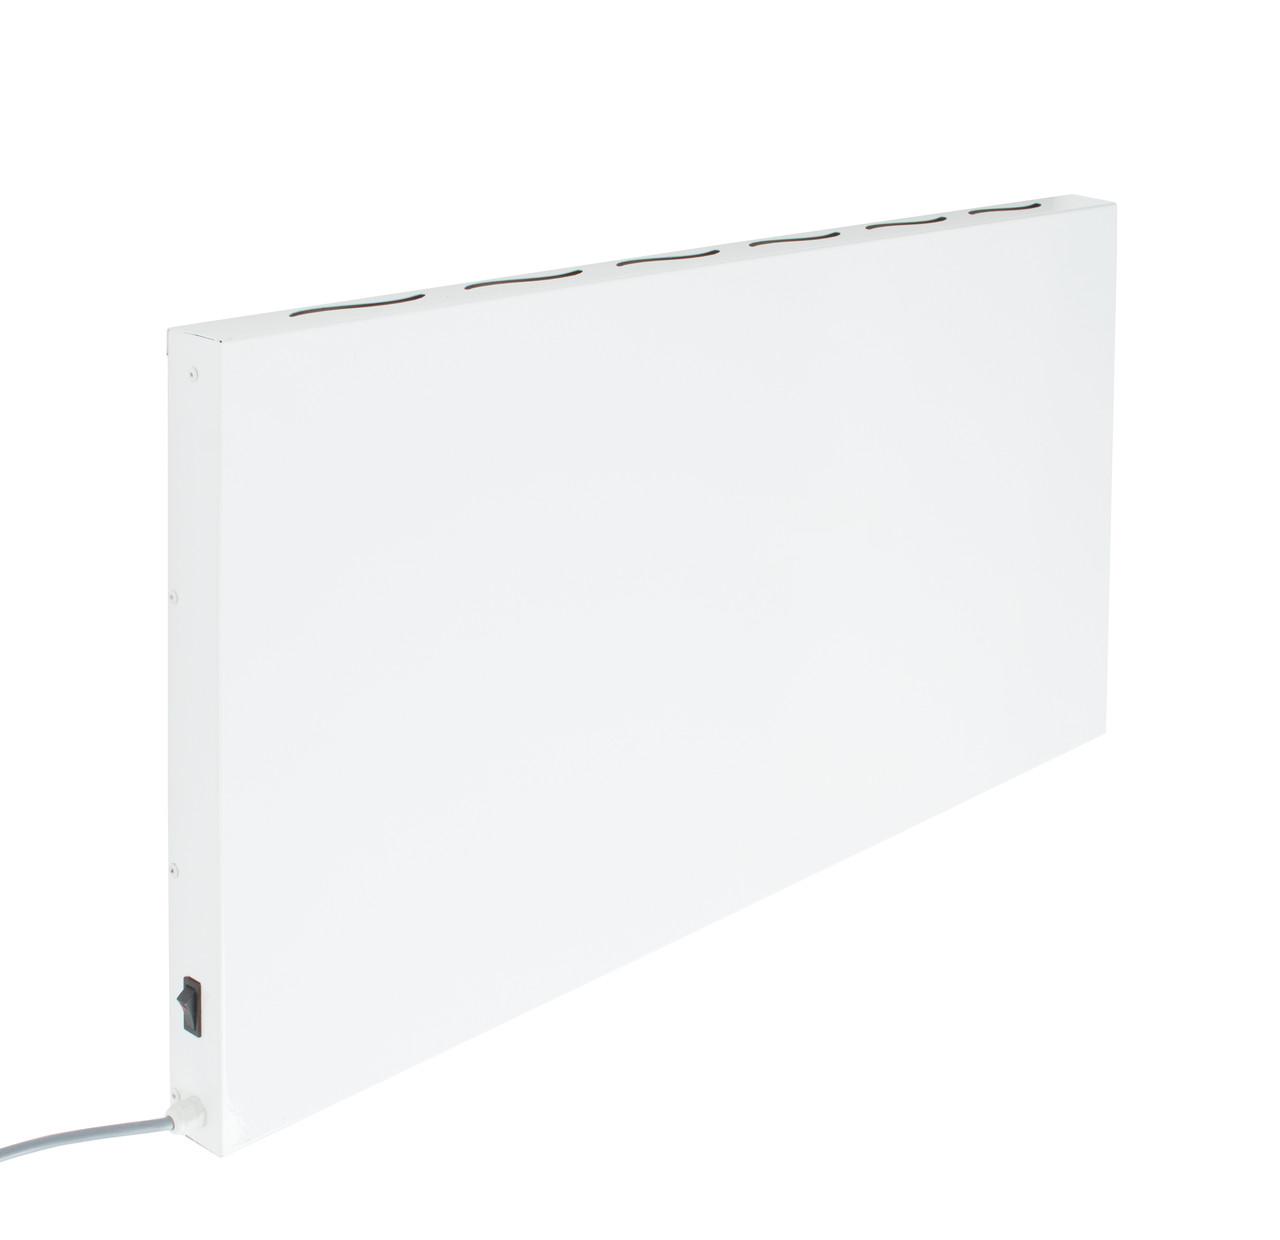 Инфракрасный металлический обогреватель / конвектор Sun Way HYBRID SWH-700 (700 Вт)